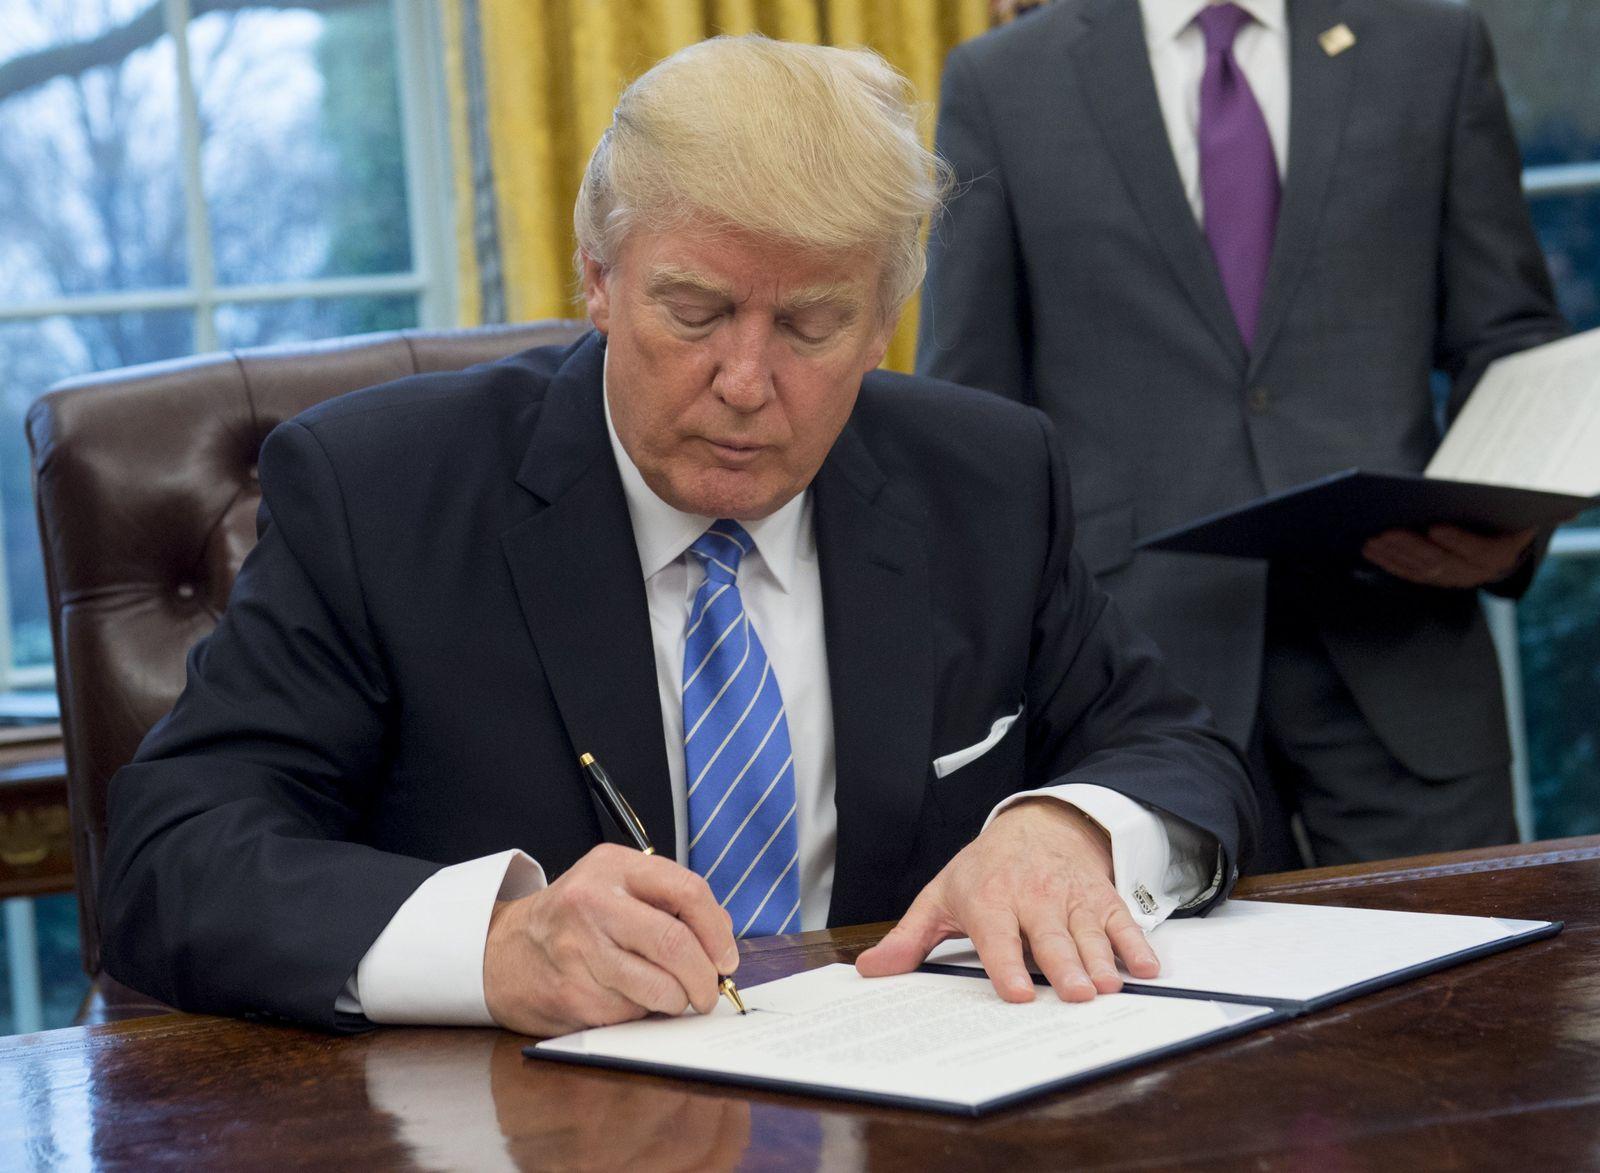 Donald Trump TPP